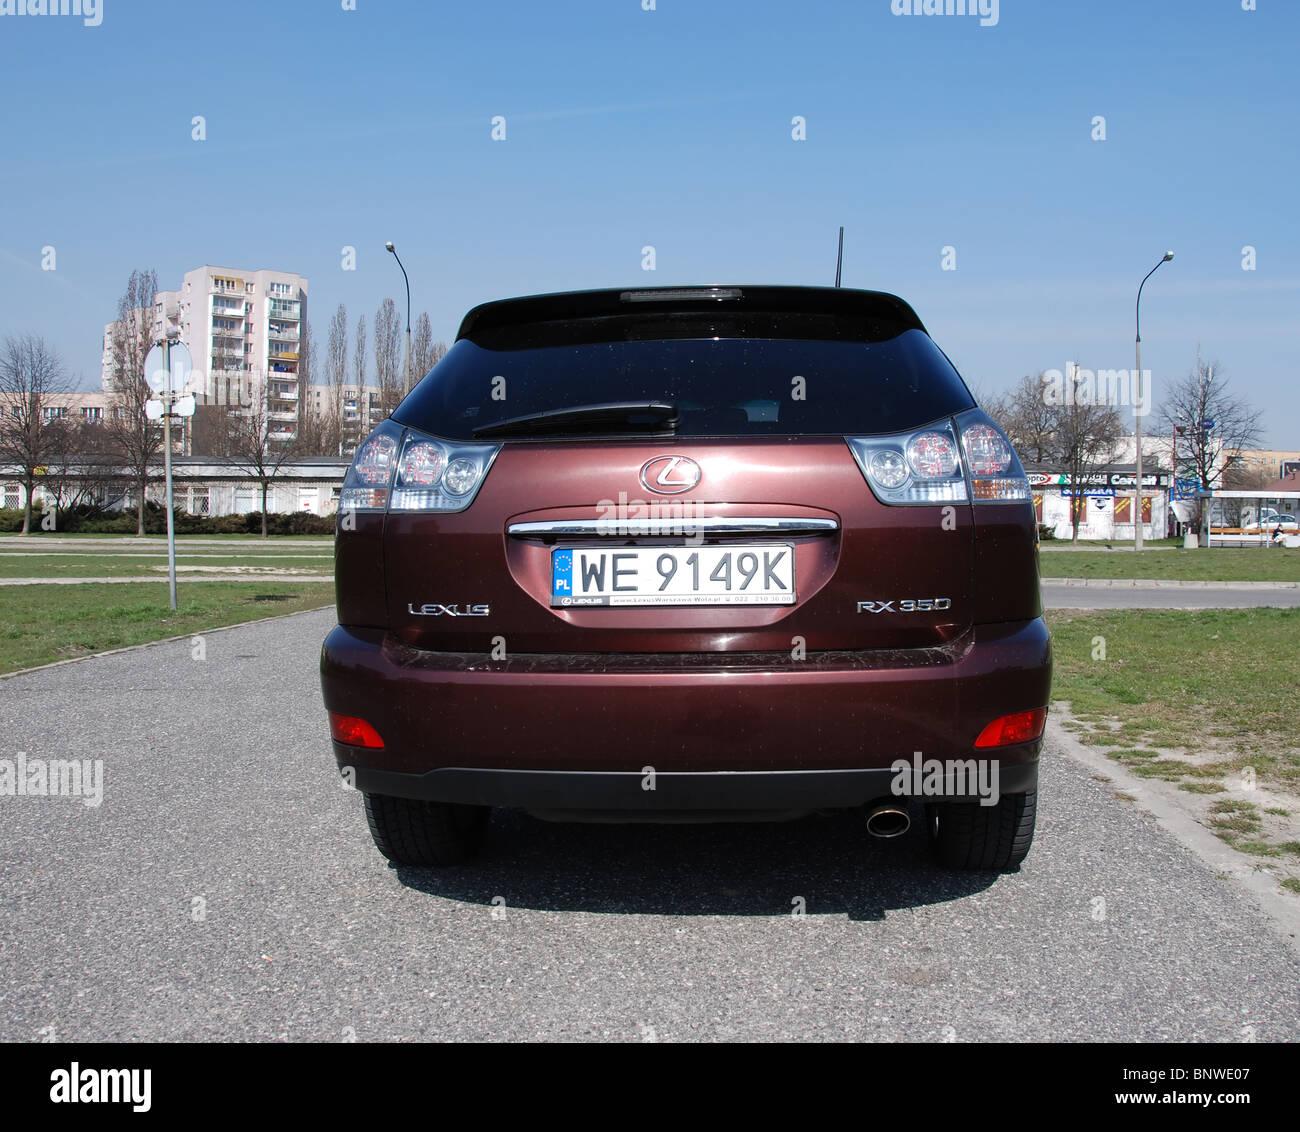 Lexus RX 350 - meine 2004 (MK2) - braun - fünf Türen (5D ...